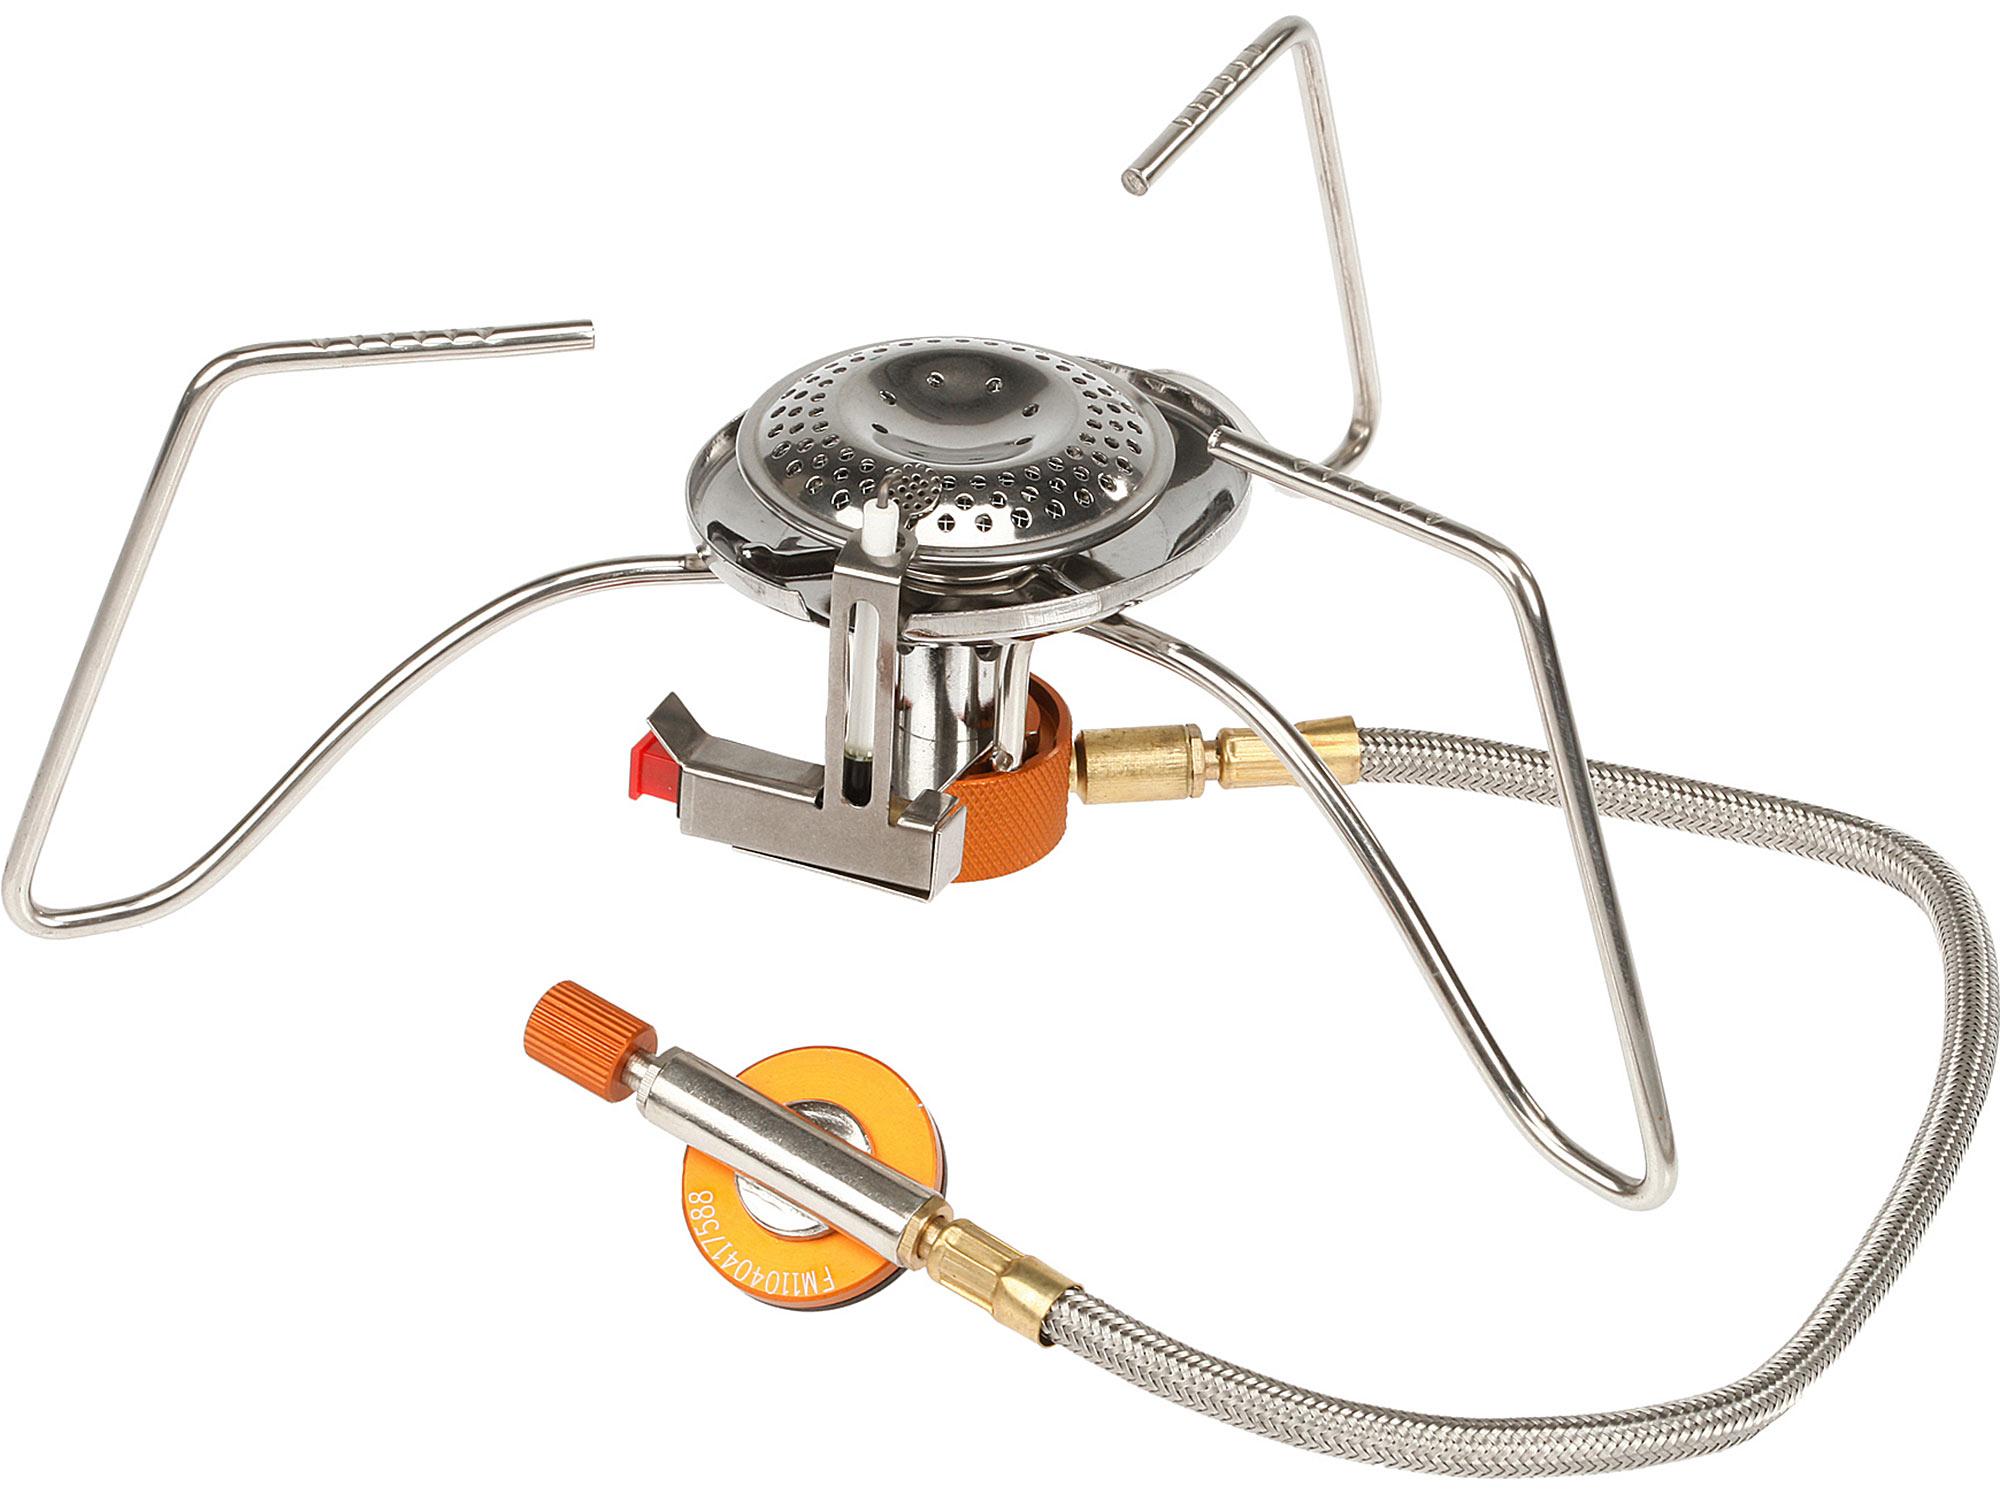 Fire-Maple Газовая горелка Fire-Maple газовая горелка dayrex 44 628915